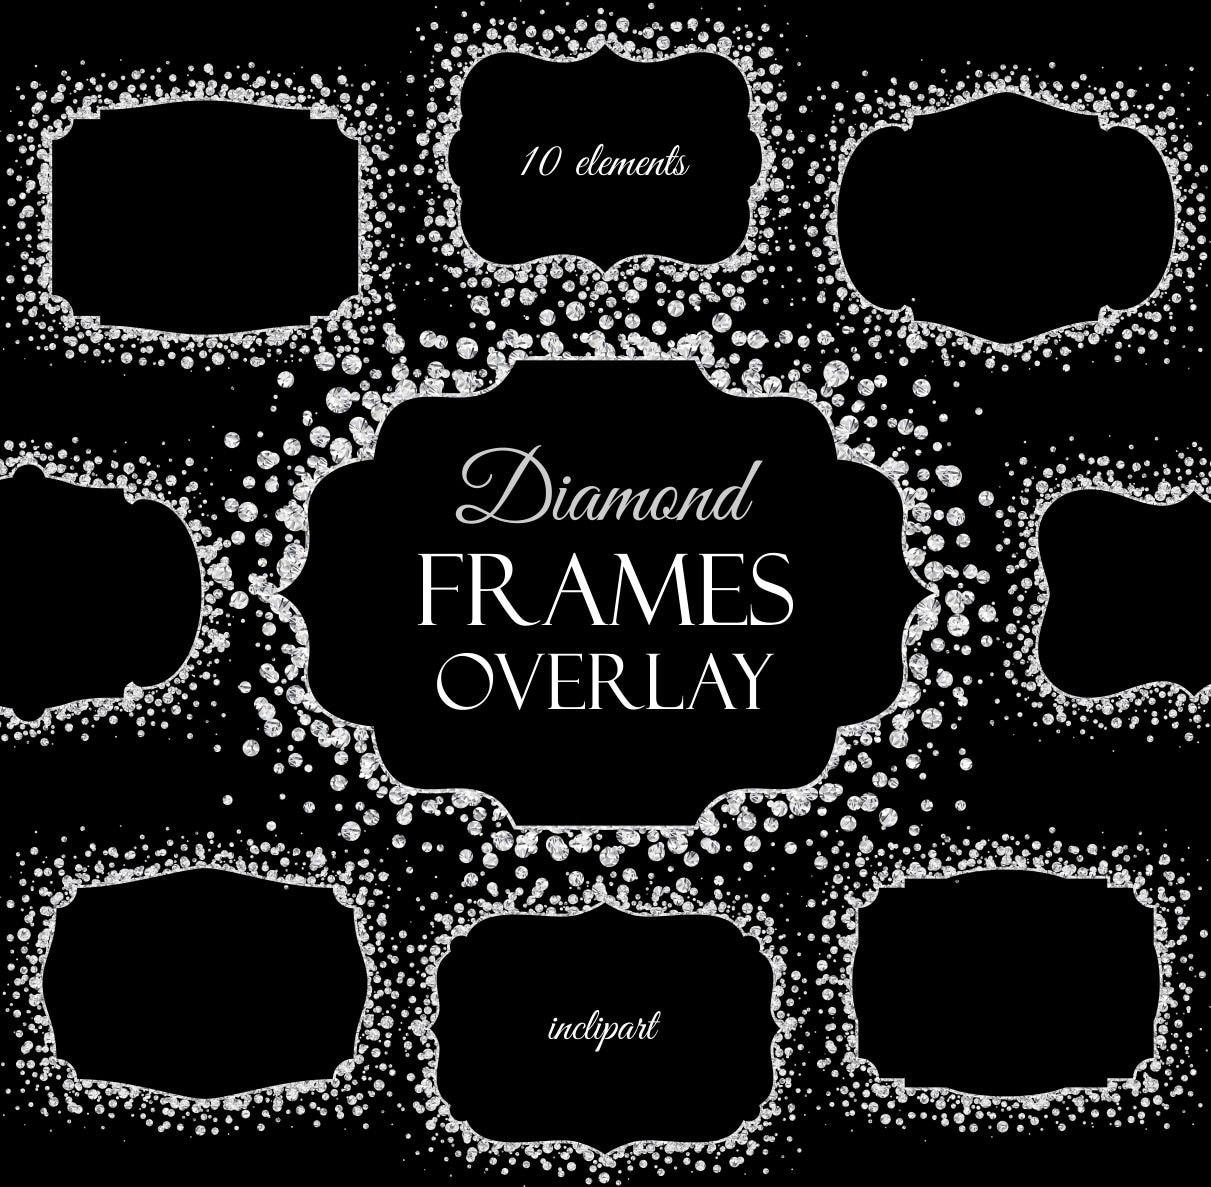 Diamond Frames overlay clipart. Digital Sparkle by inclipart